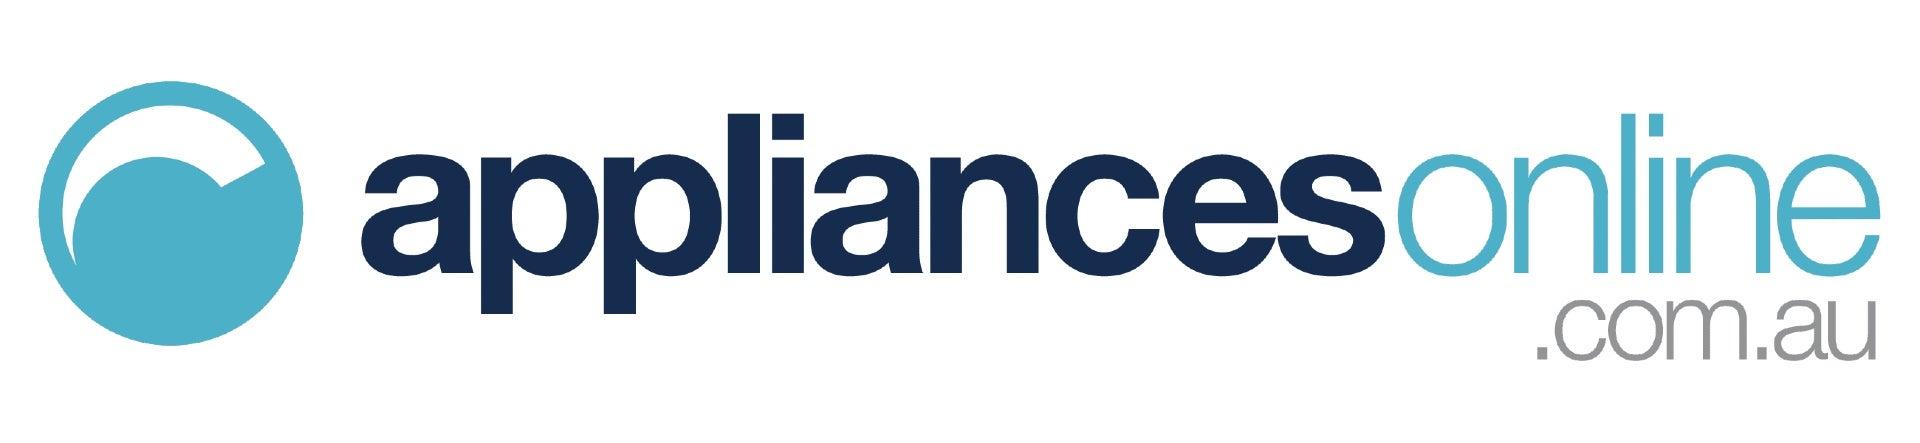 Appliances Online review